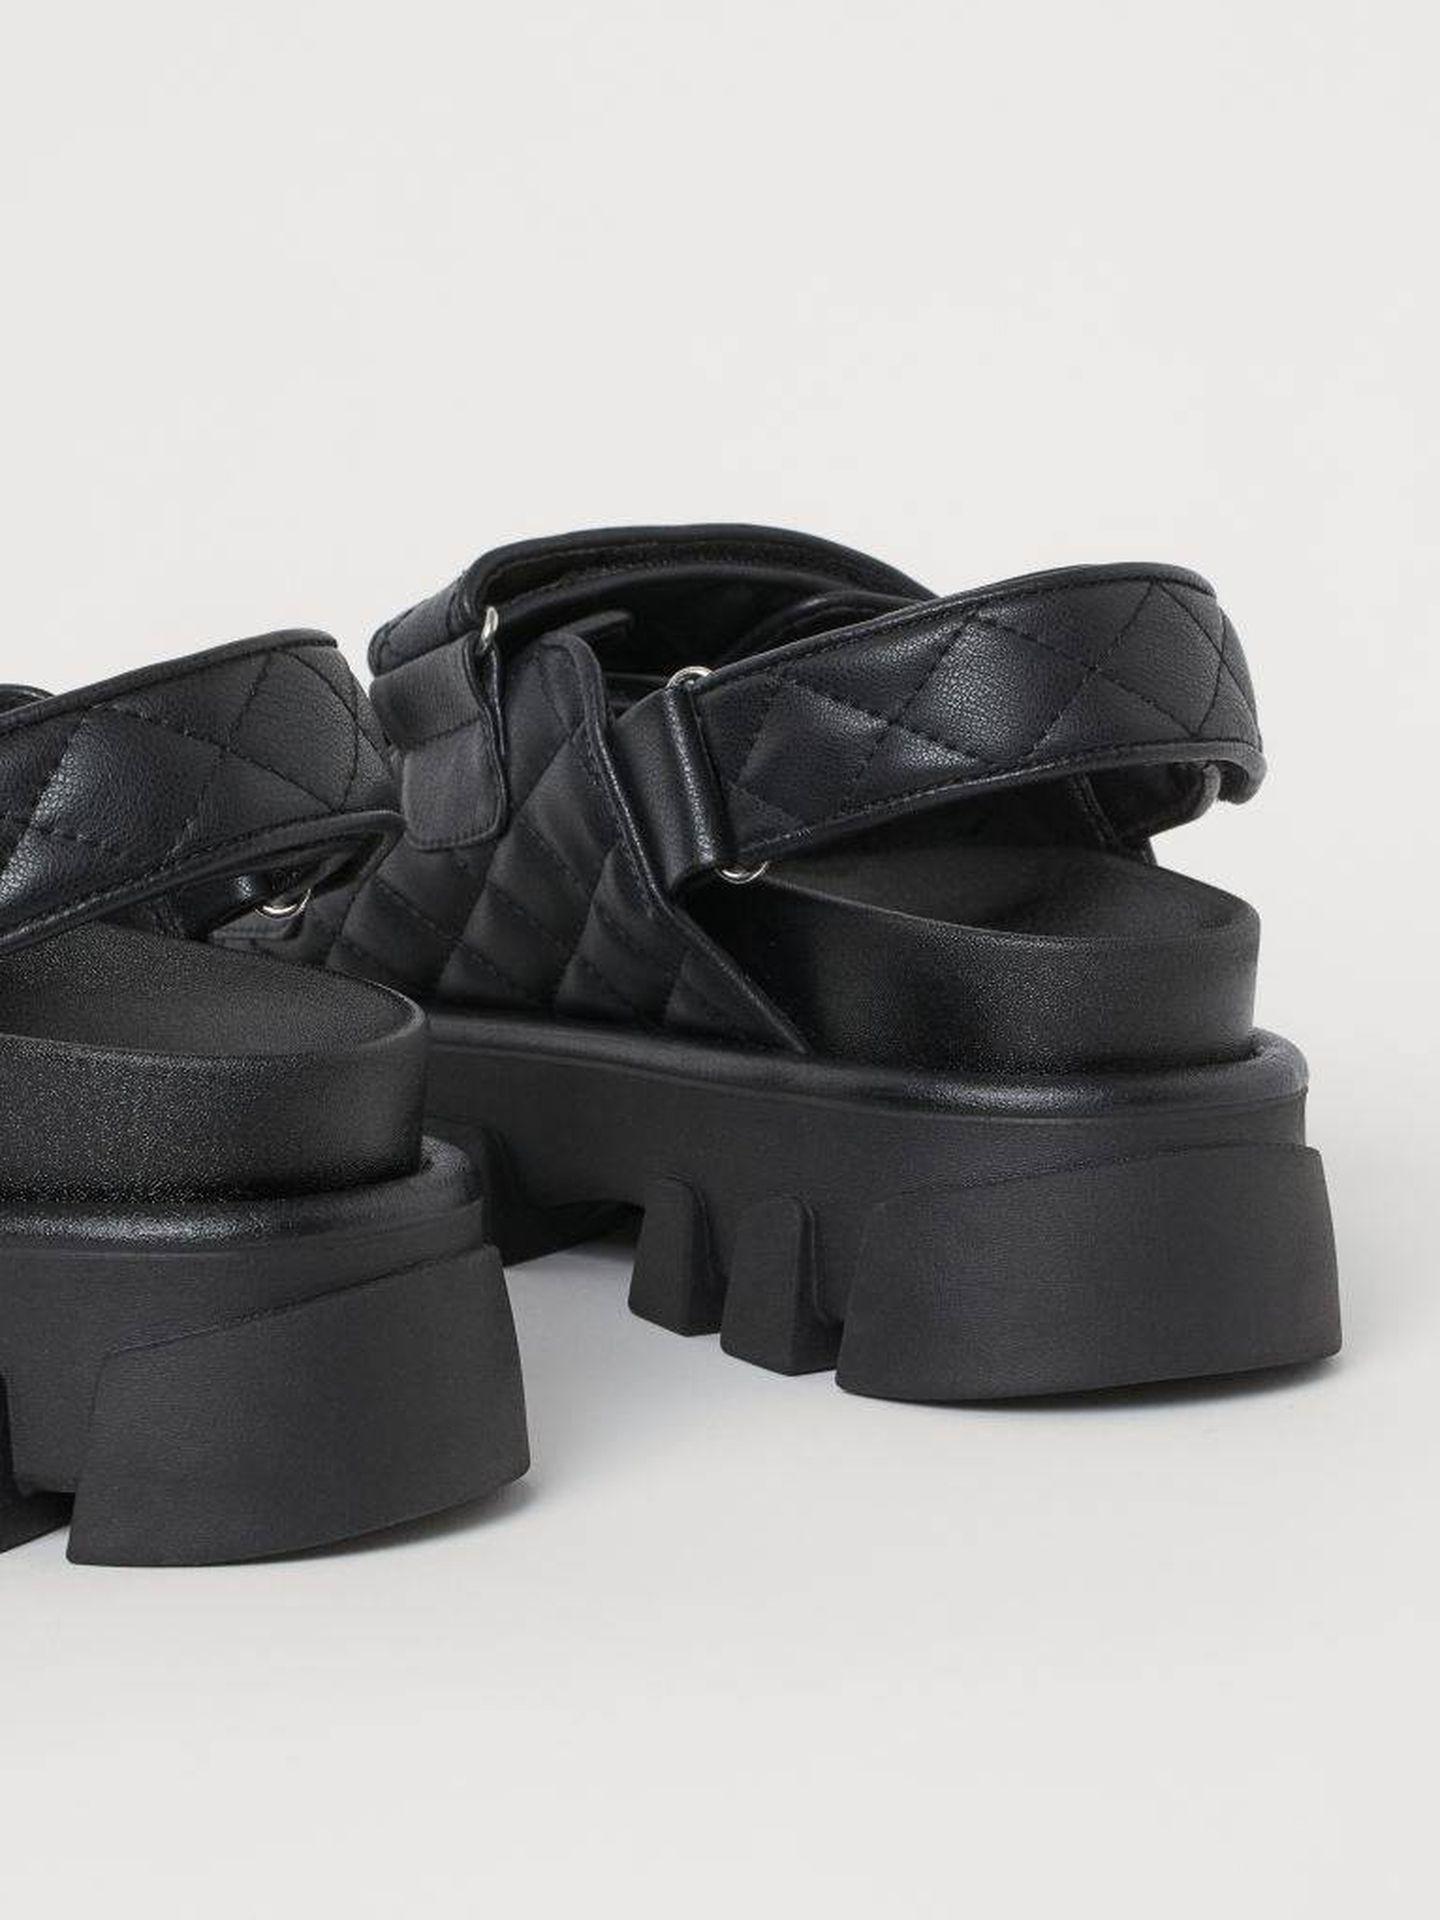 Las sandalias de HyM. (Cortesía)